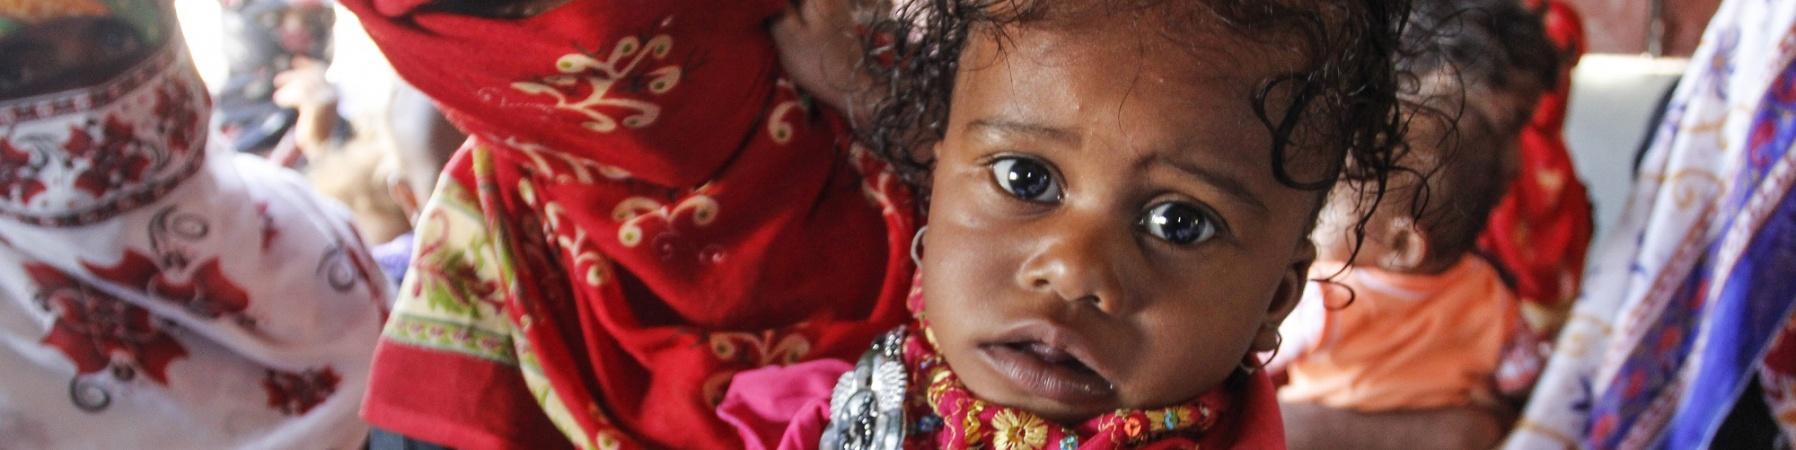 Bambina yemenita in primo piano e mamma dietro di lei coperta dal velo